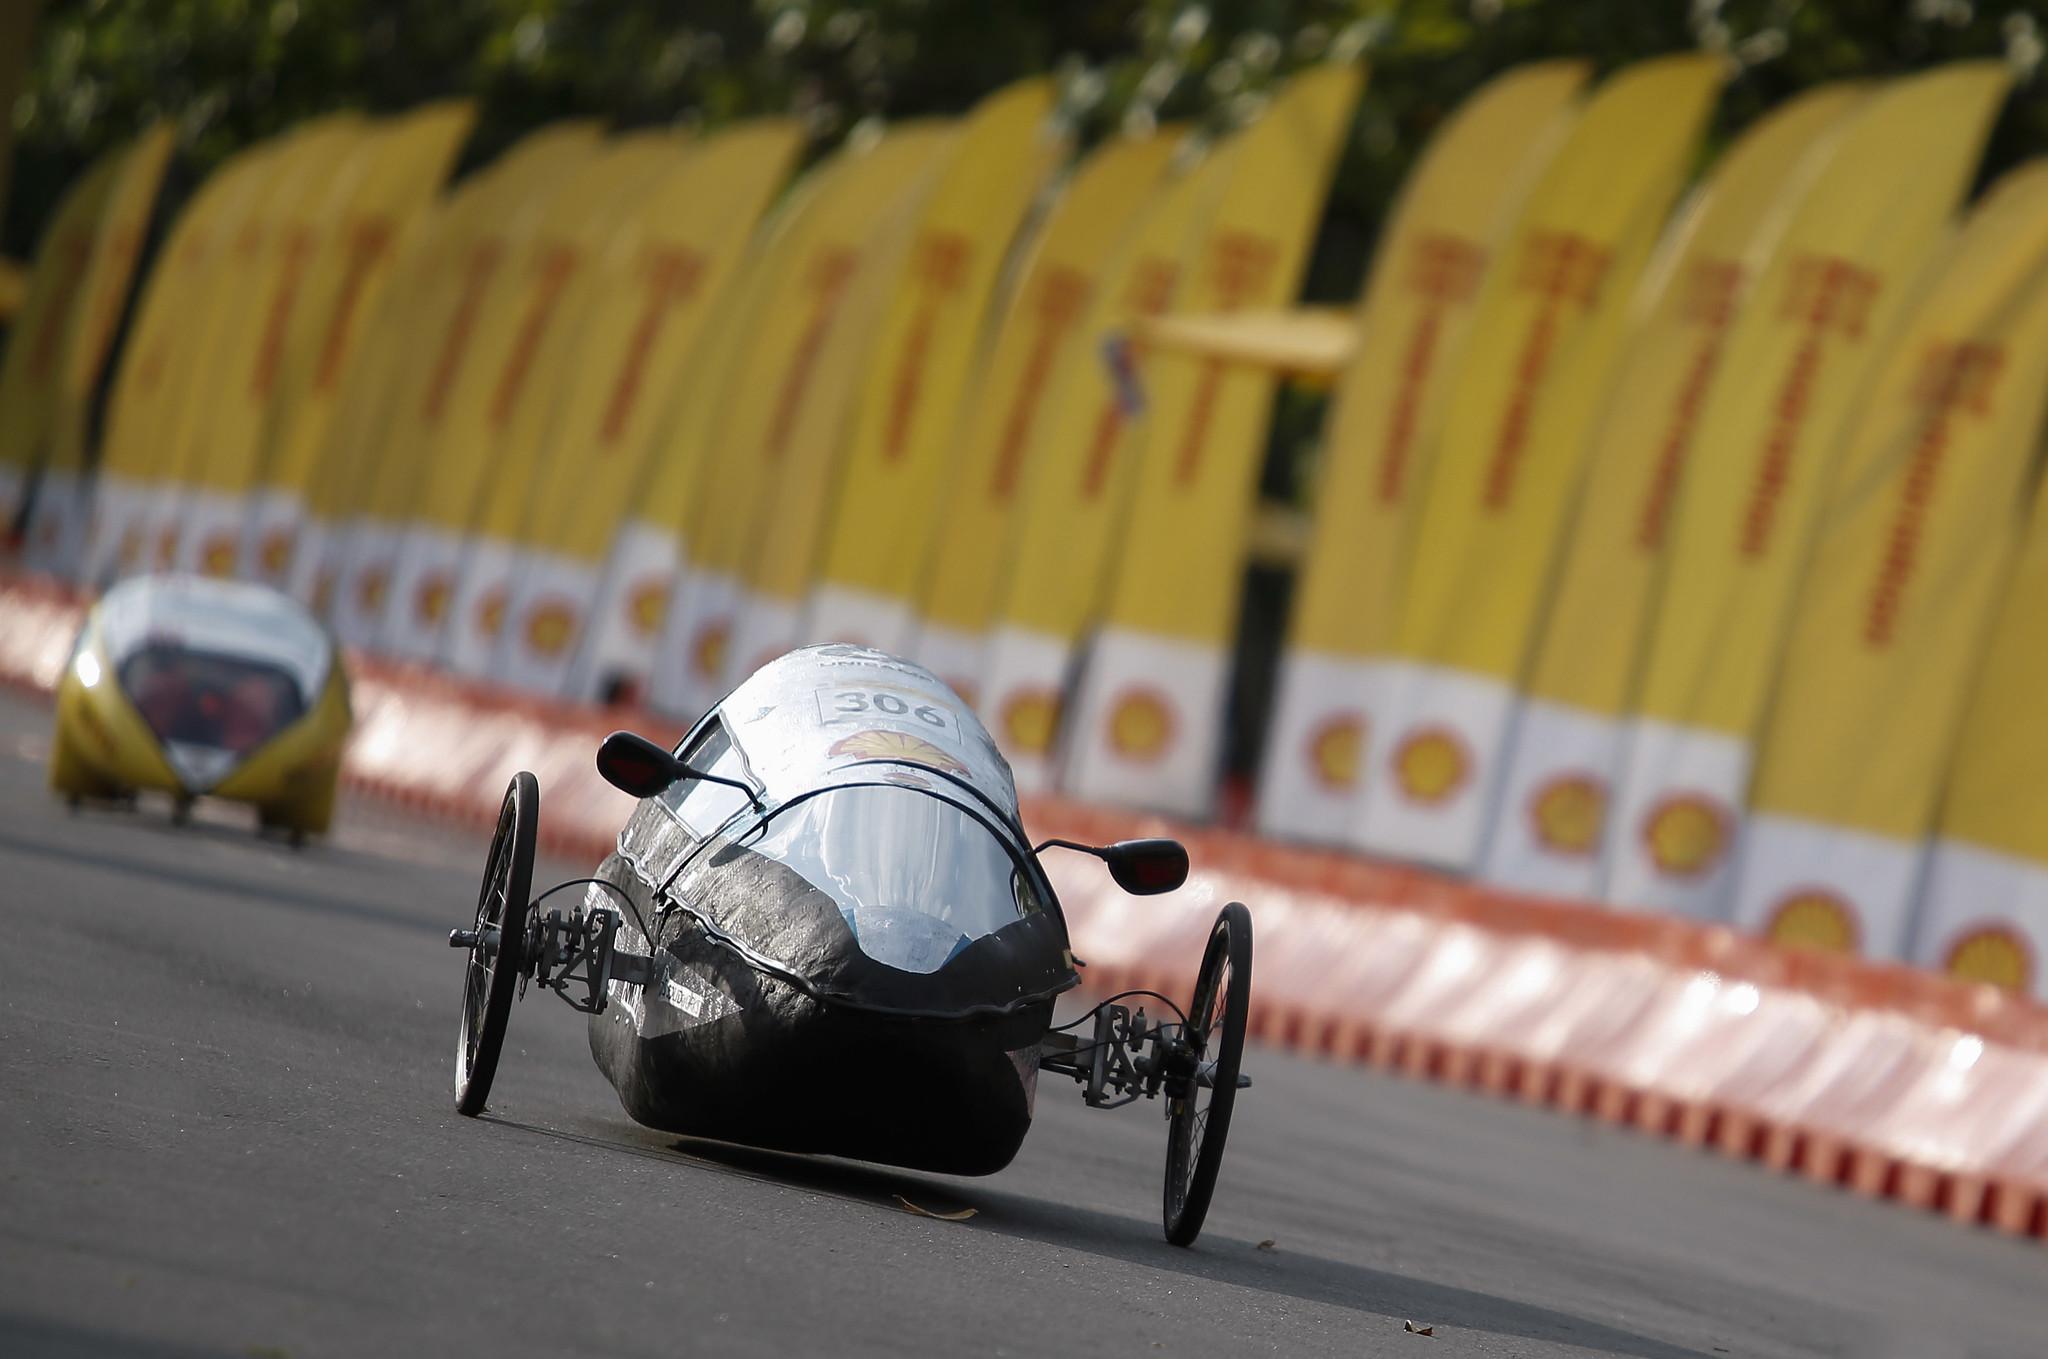 Em edições anteriores da competição de engenharia da Shell, equipe de Campinas da Ecotrip desenvolveu protótipo de veículo elétrico.